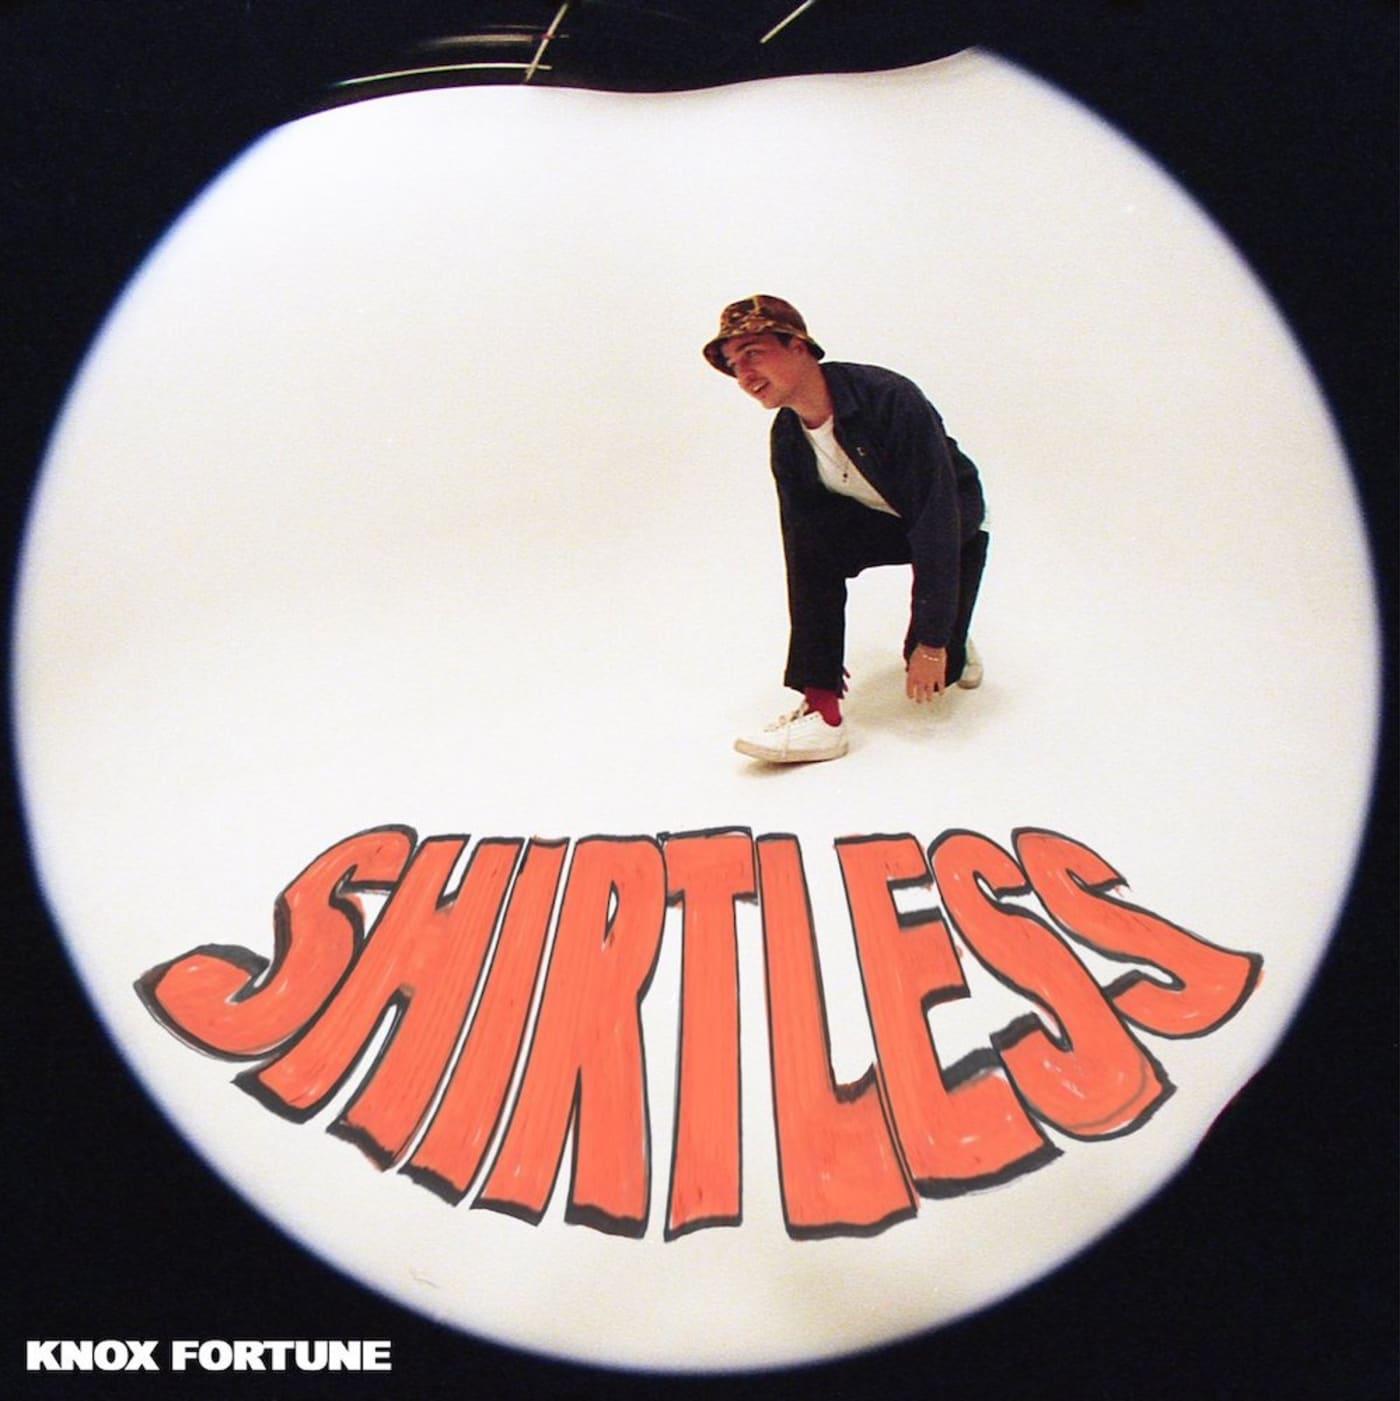 knox fortune album